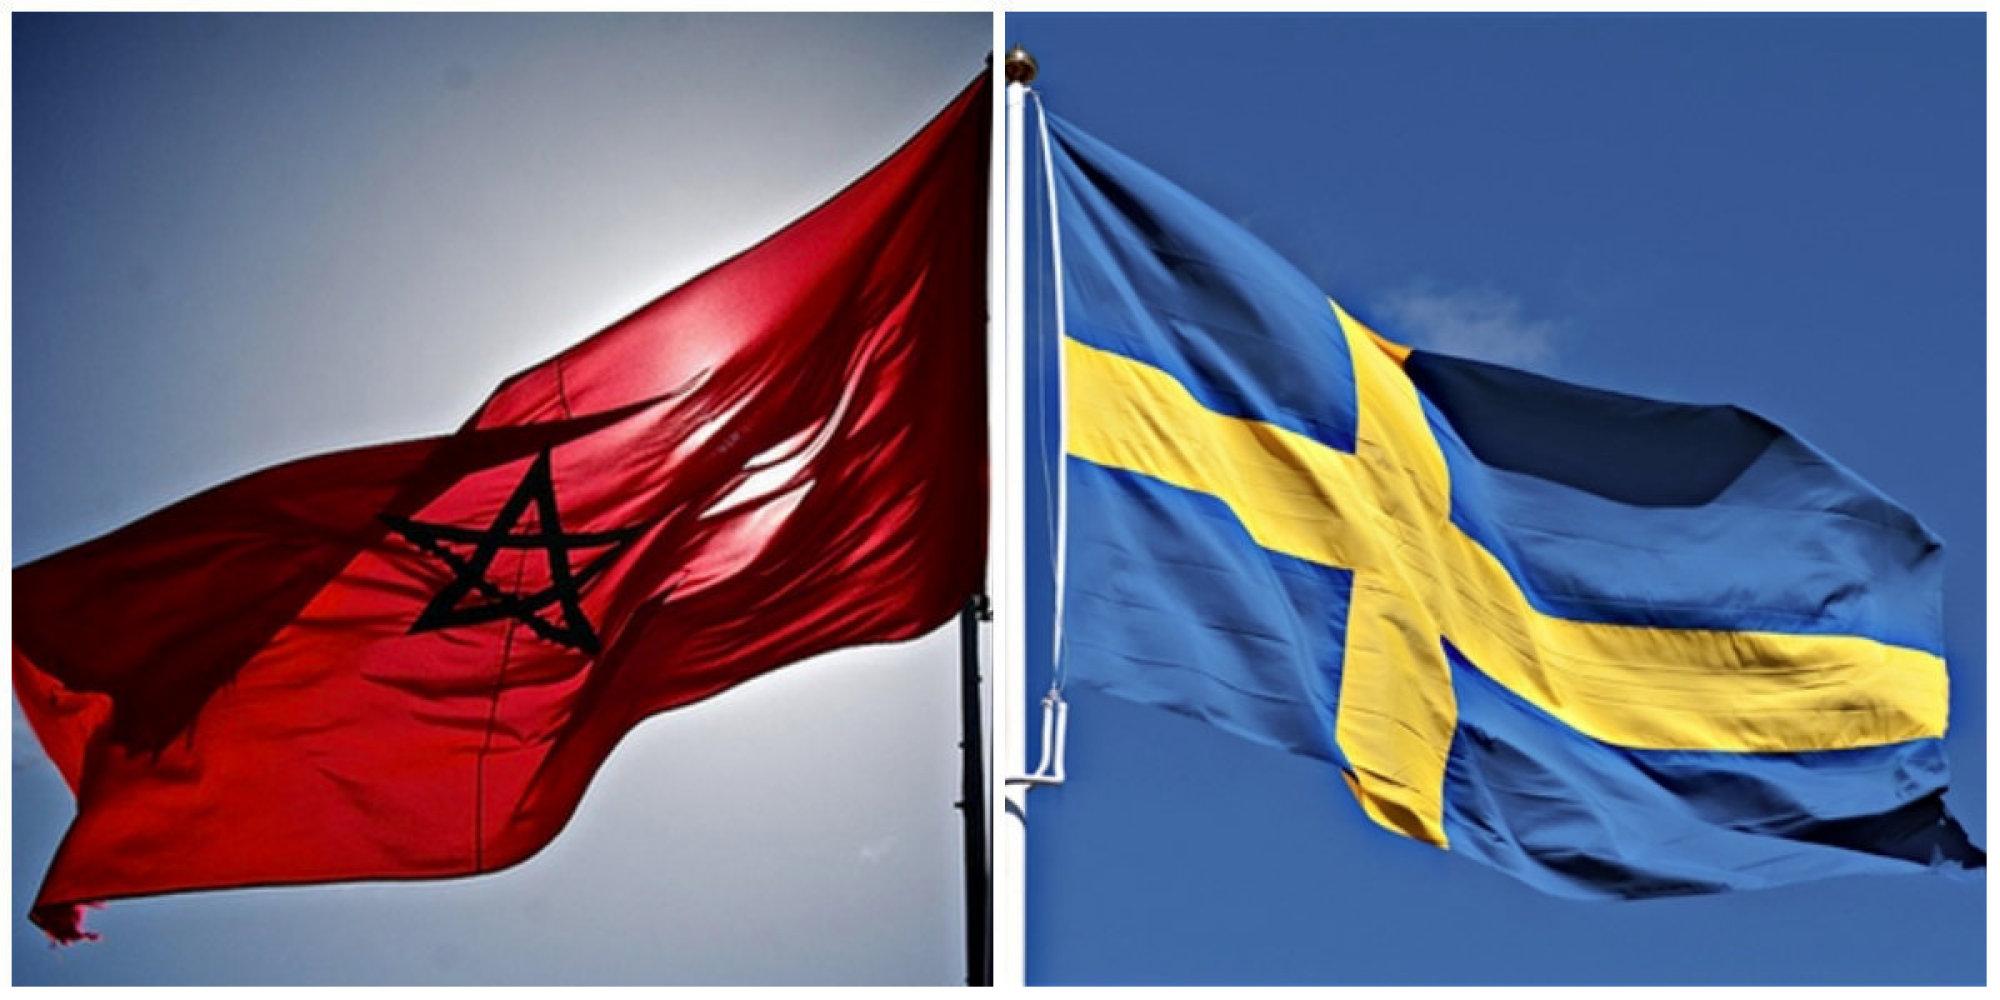 Maroc/Suède: Une brouille diplomatique qui ne dit pas son nom?